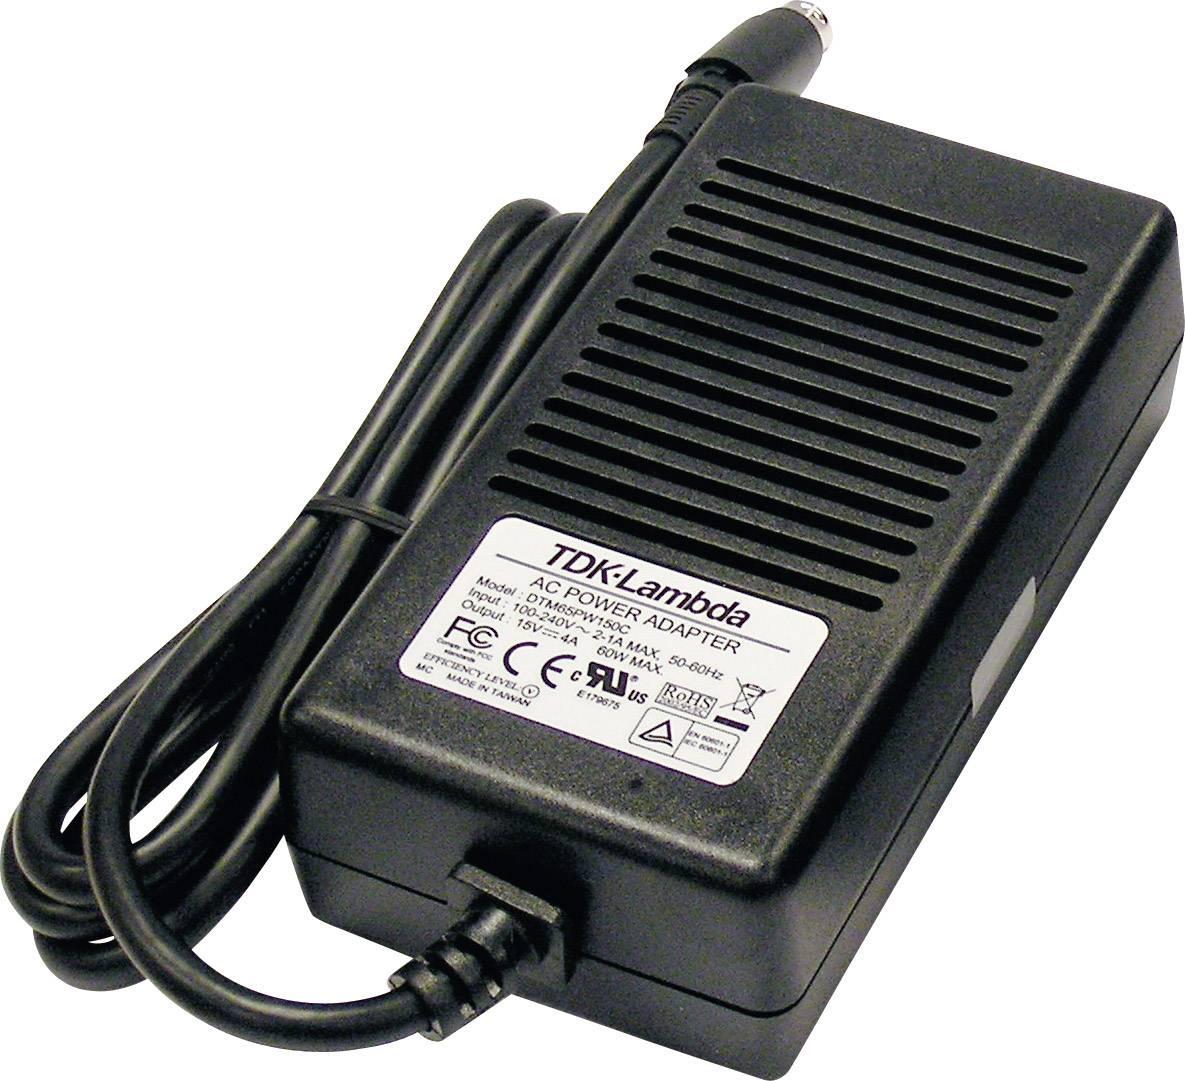 Síťový adaptér TDK-Lambda DTM65PW120C, 12 VDC, 60 W